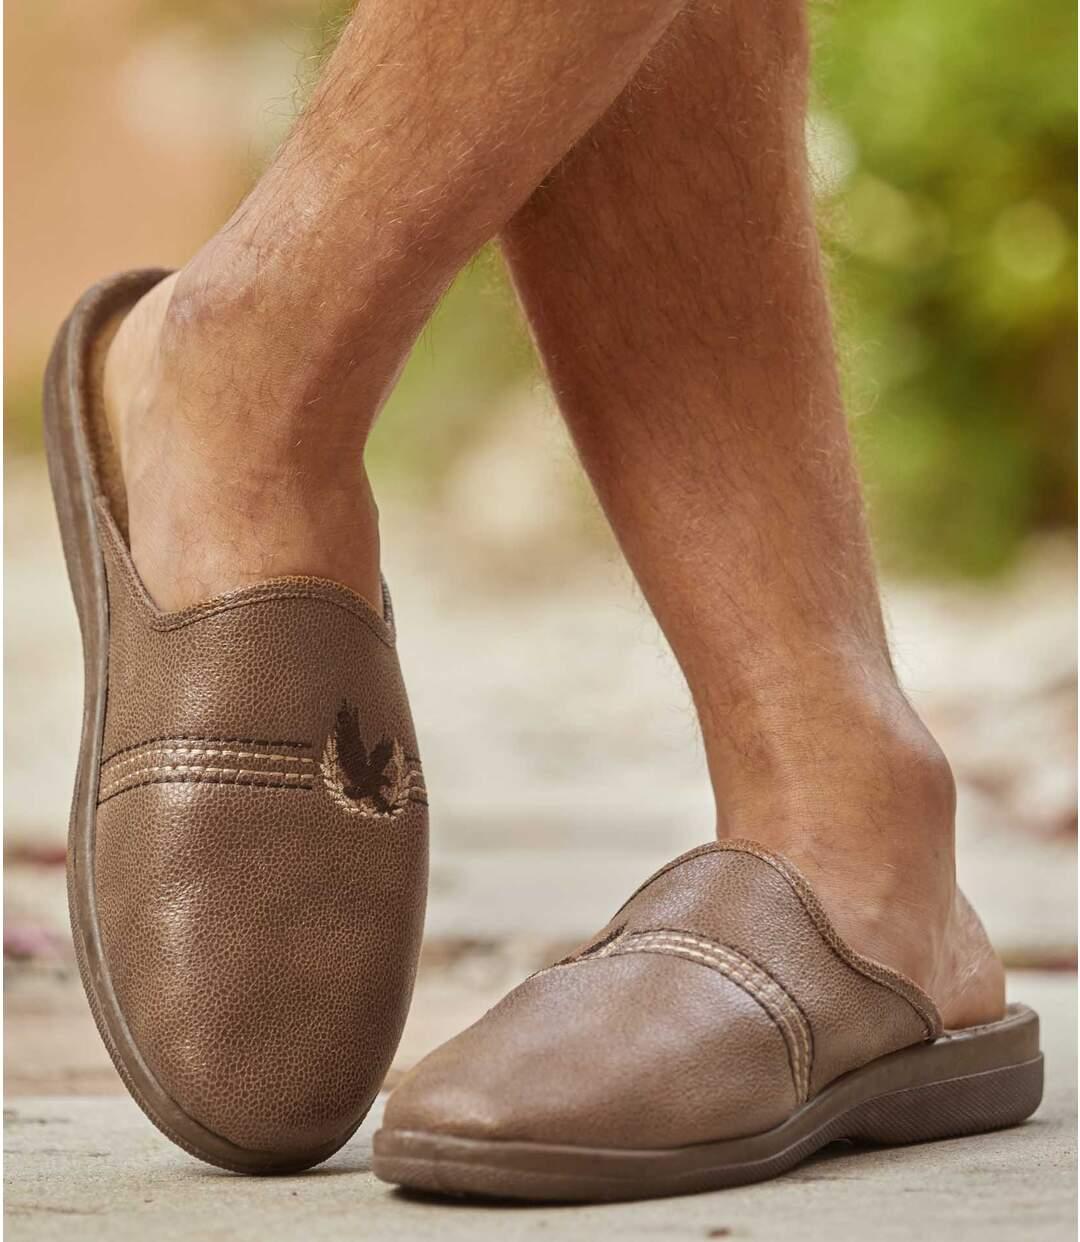 Pantofle zimitace kůže zateplené fleecem